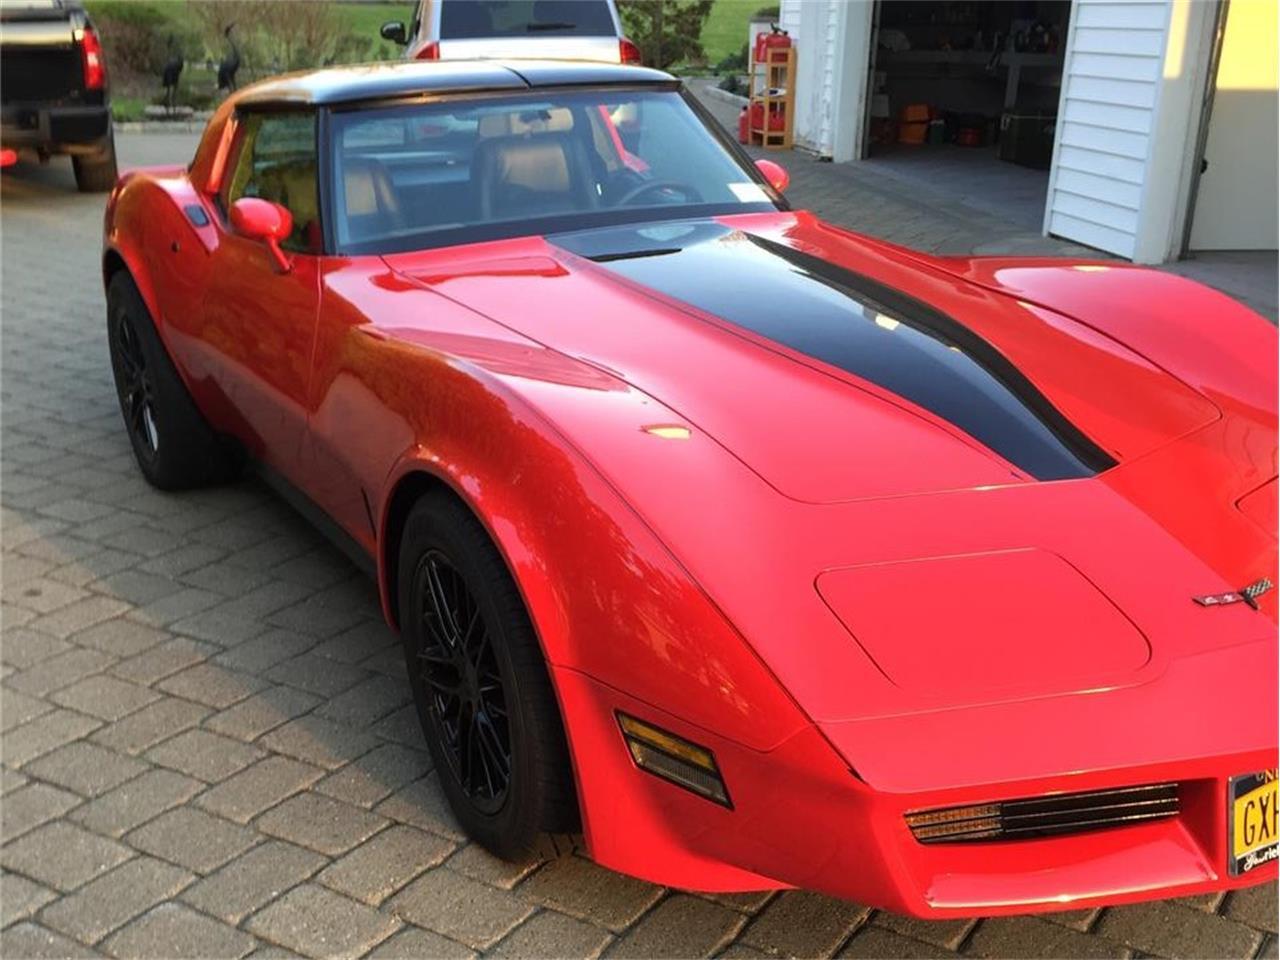 1981 Chevrolet Corvette (CC-1388245) for sale in Carmel, New York